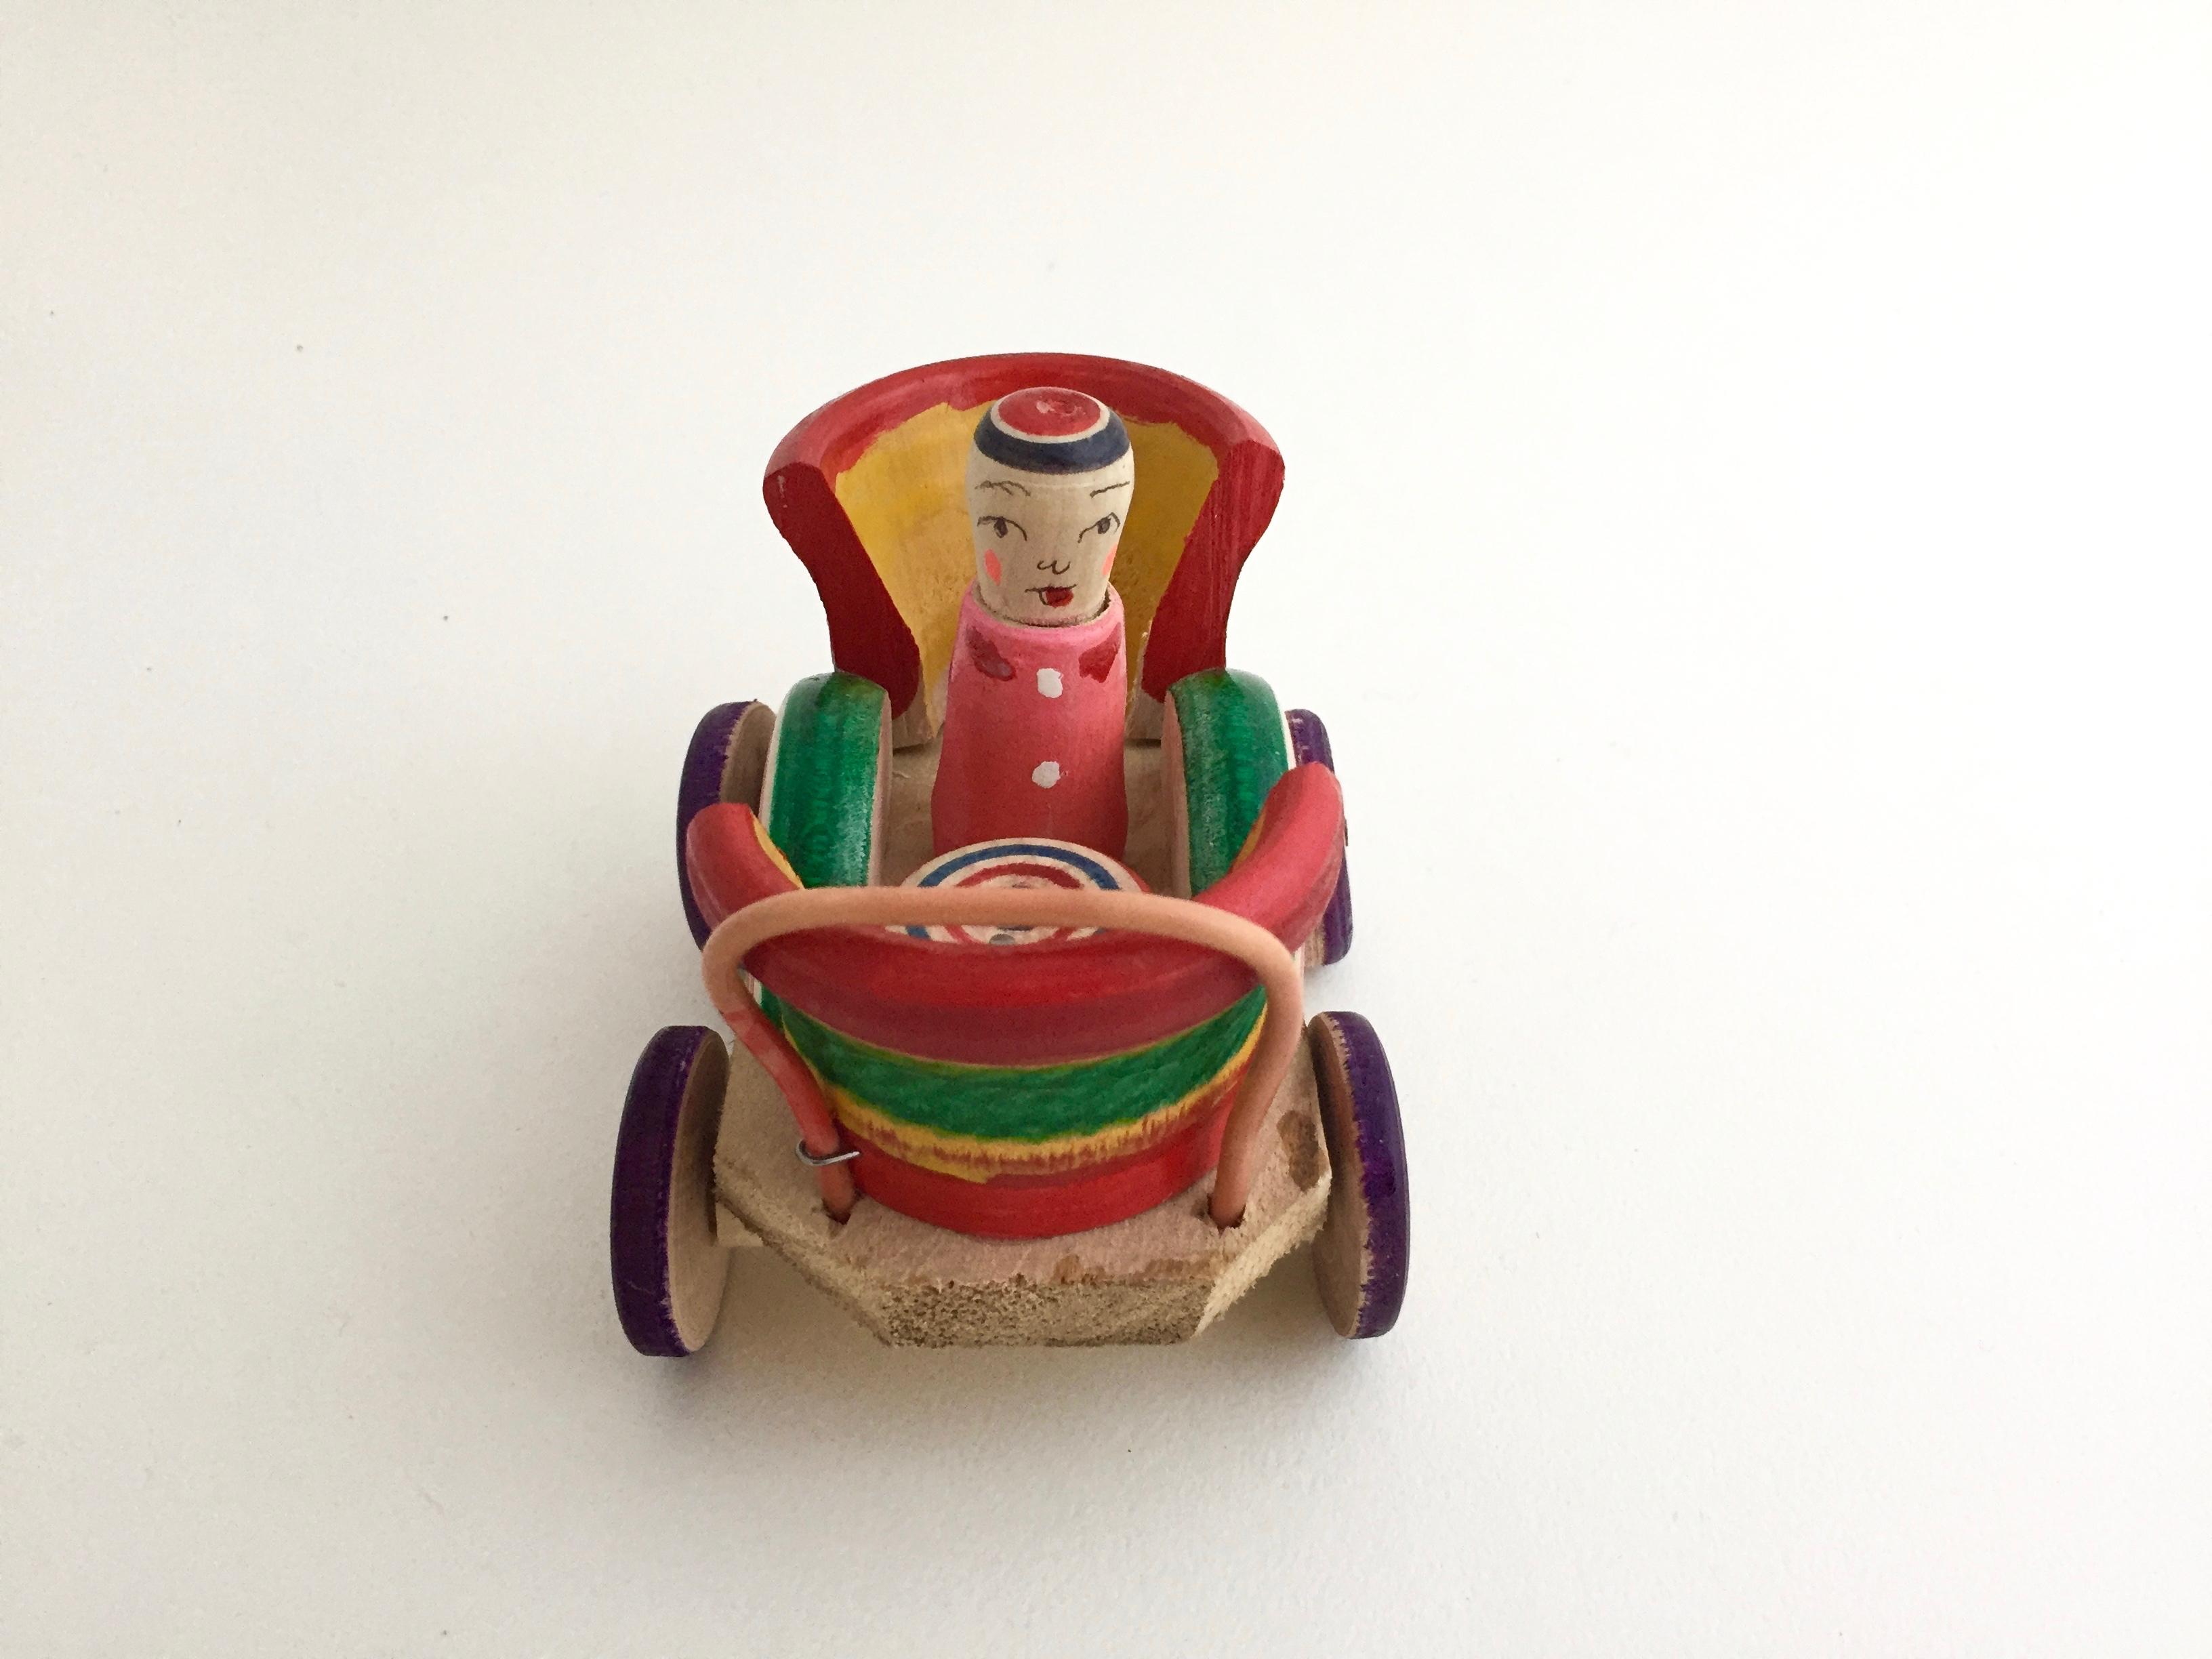 はりまや木地玩具「車」